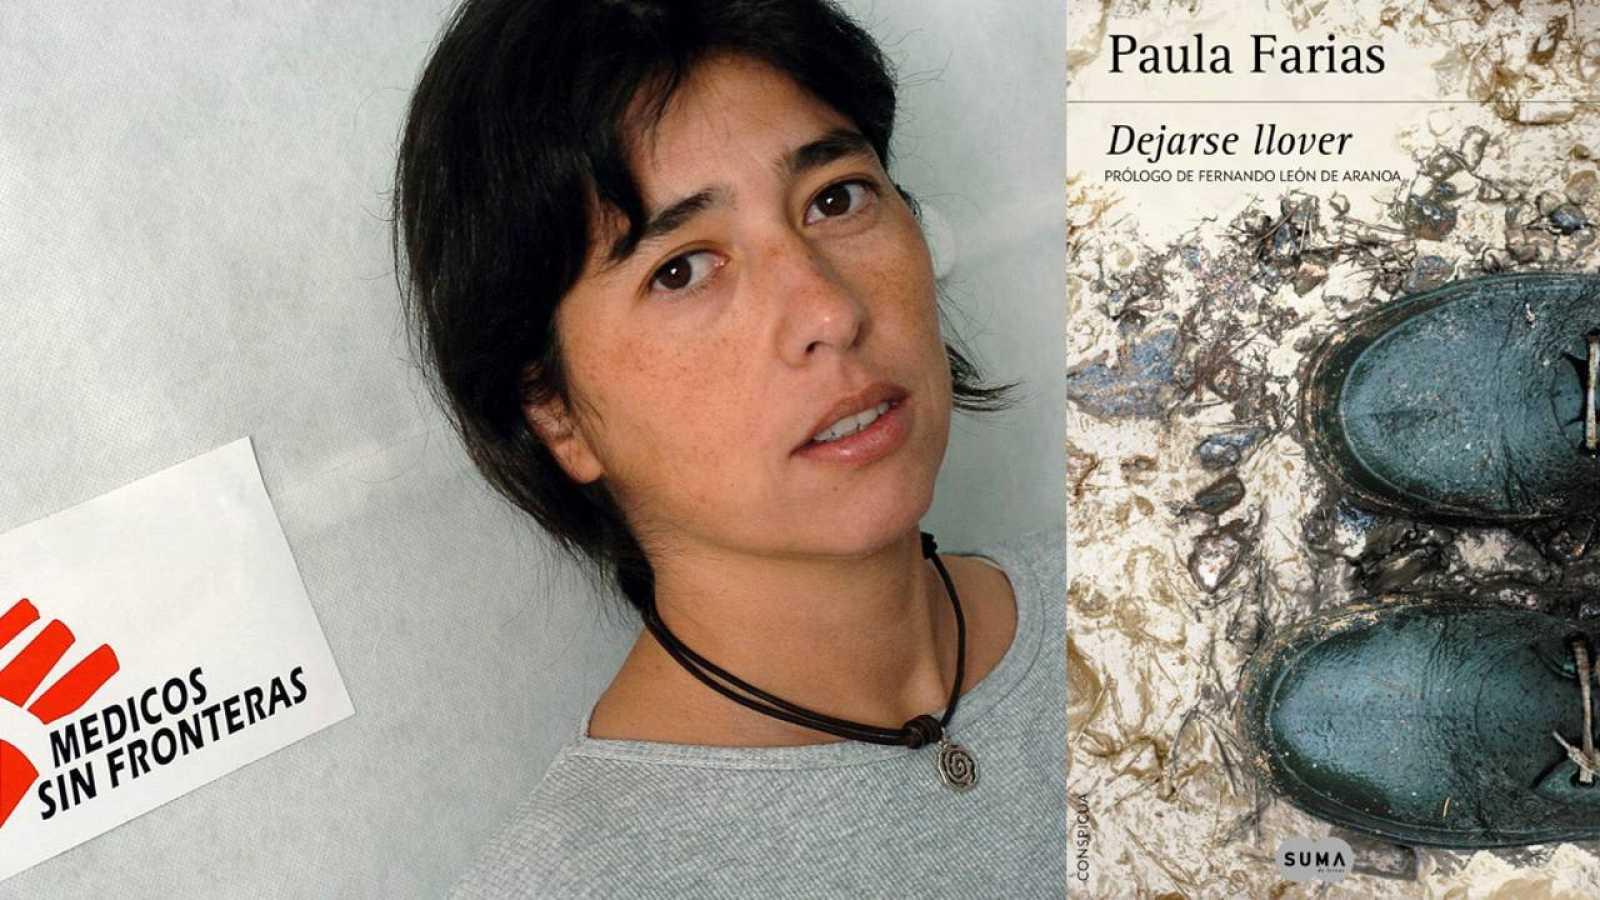 Paula Farias y la portada de su novela 'Dejarse llover'